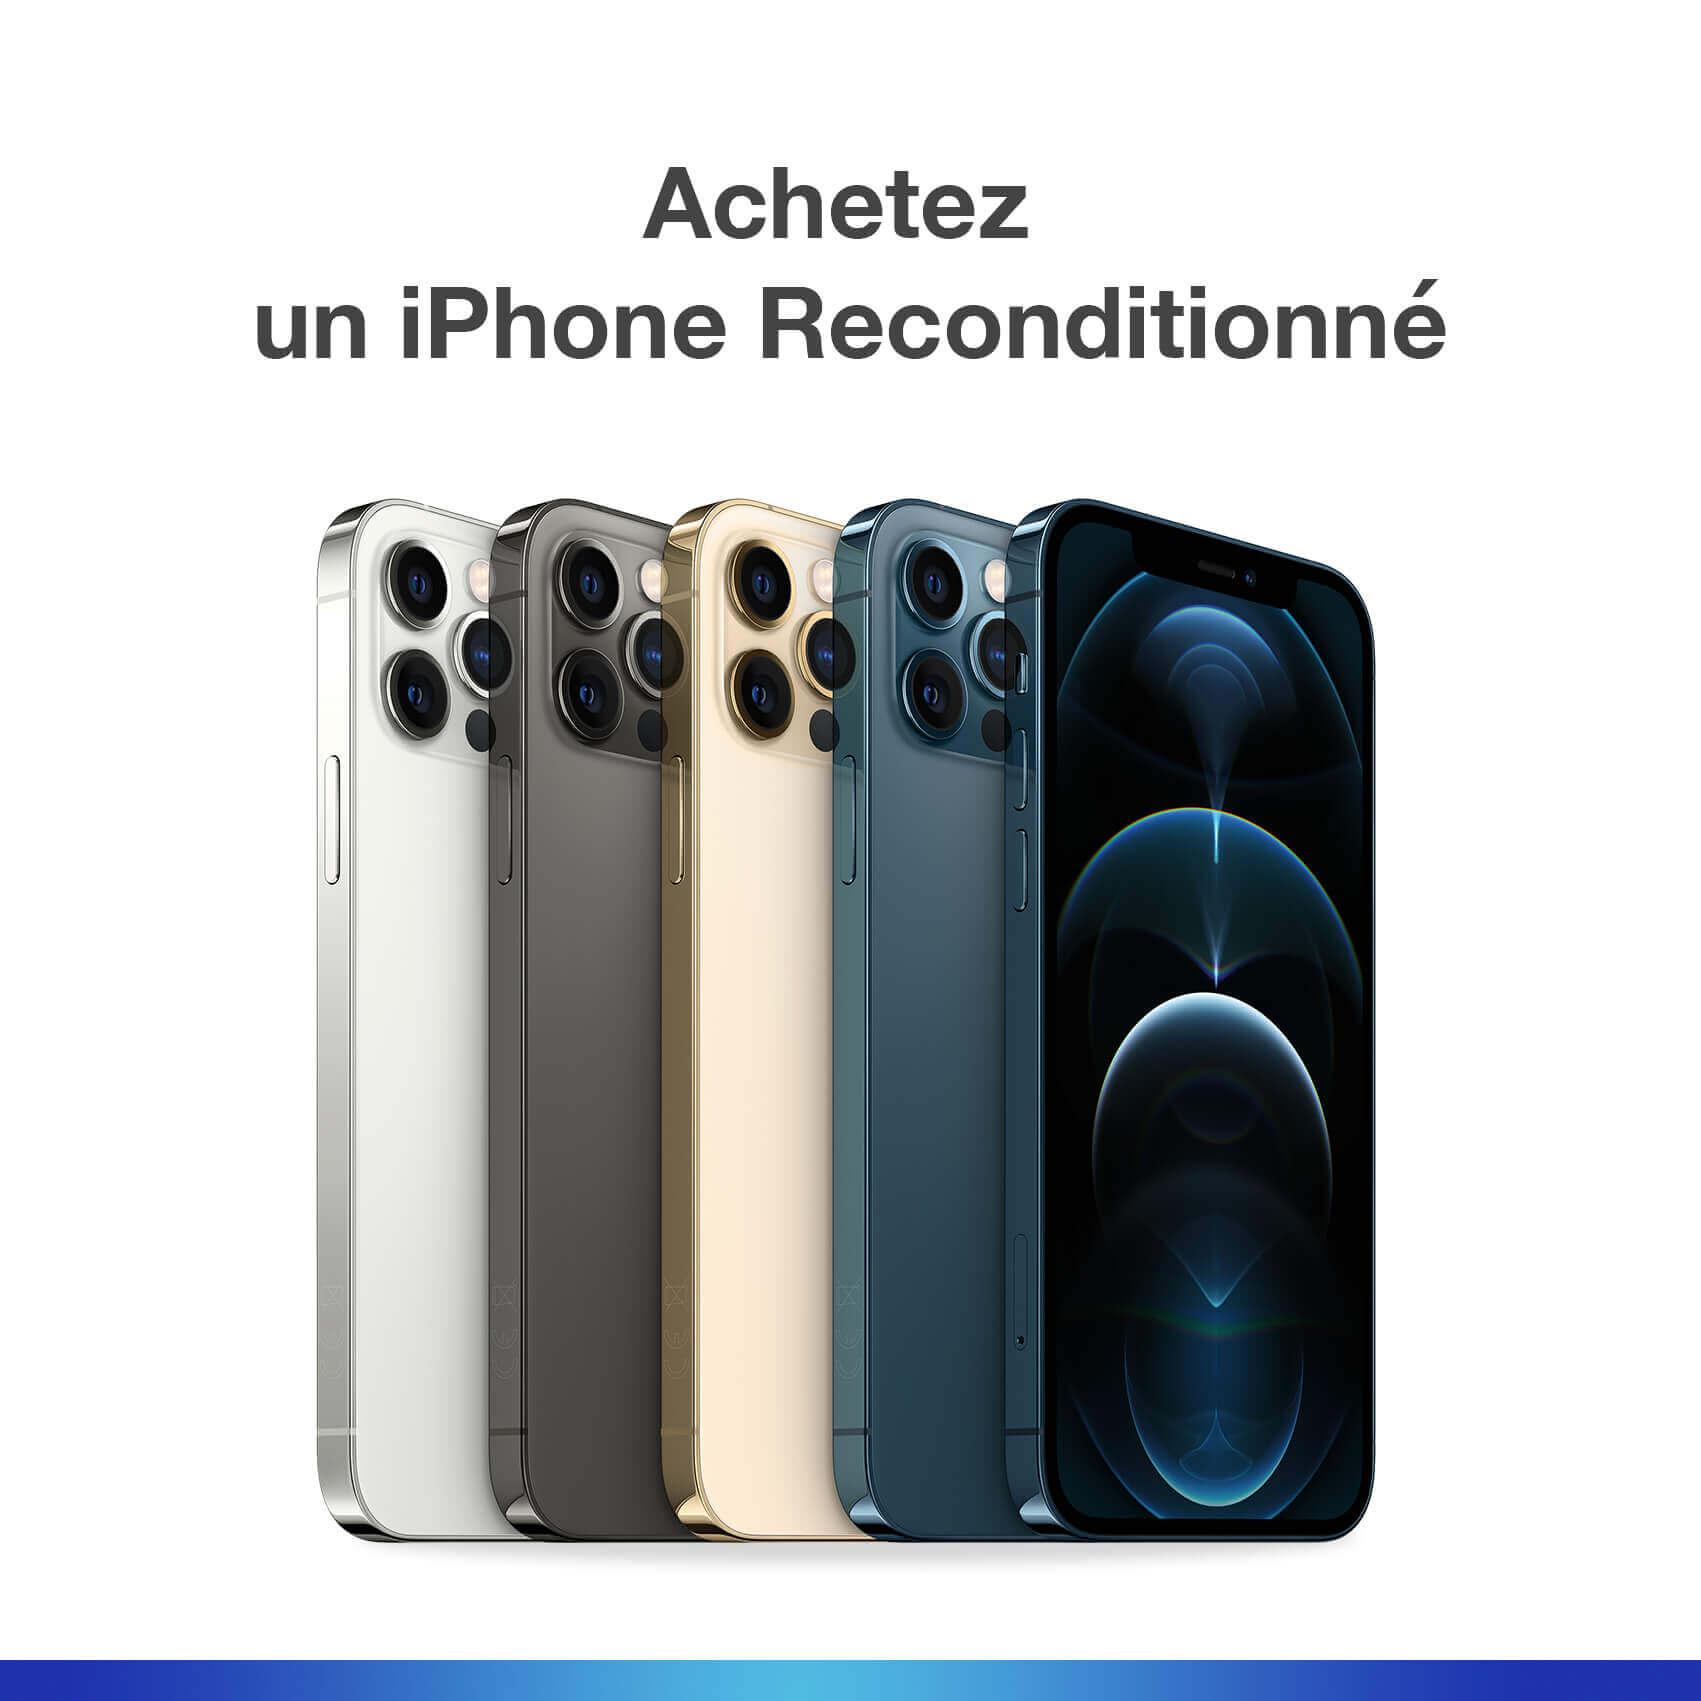 Achetez un iPhone Reconditionné| McPrice Paris Trocadéro